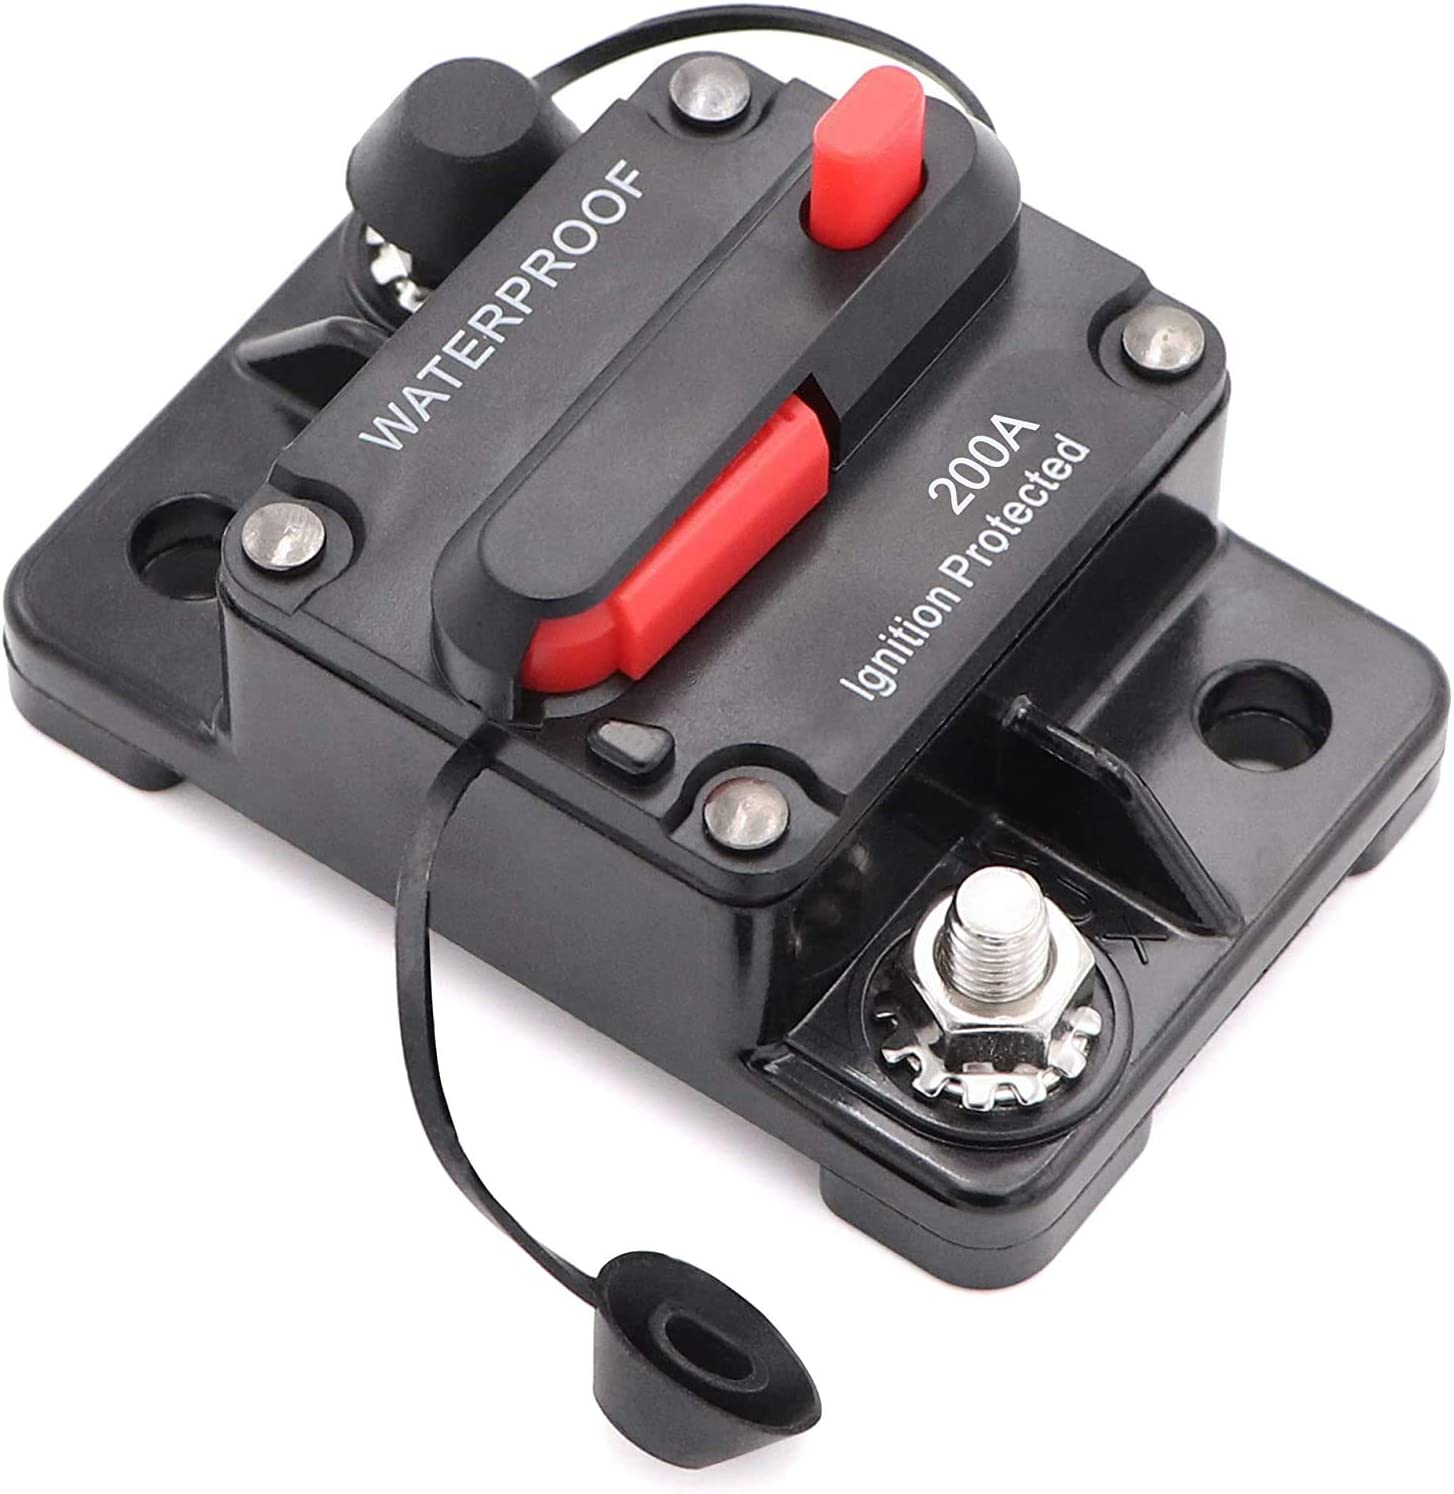 200A Mottdam Schutzschalter 50-300A,Leitungsschutzschalter 50 AMP Reset Sicherung 12-48V DC Sicherung Auto Boot Leistungsschalter